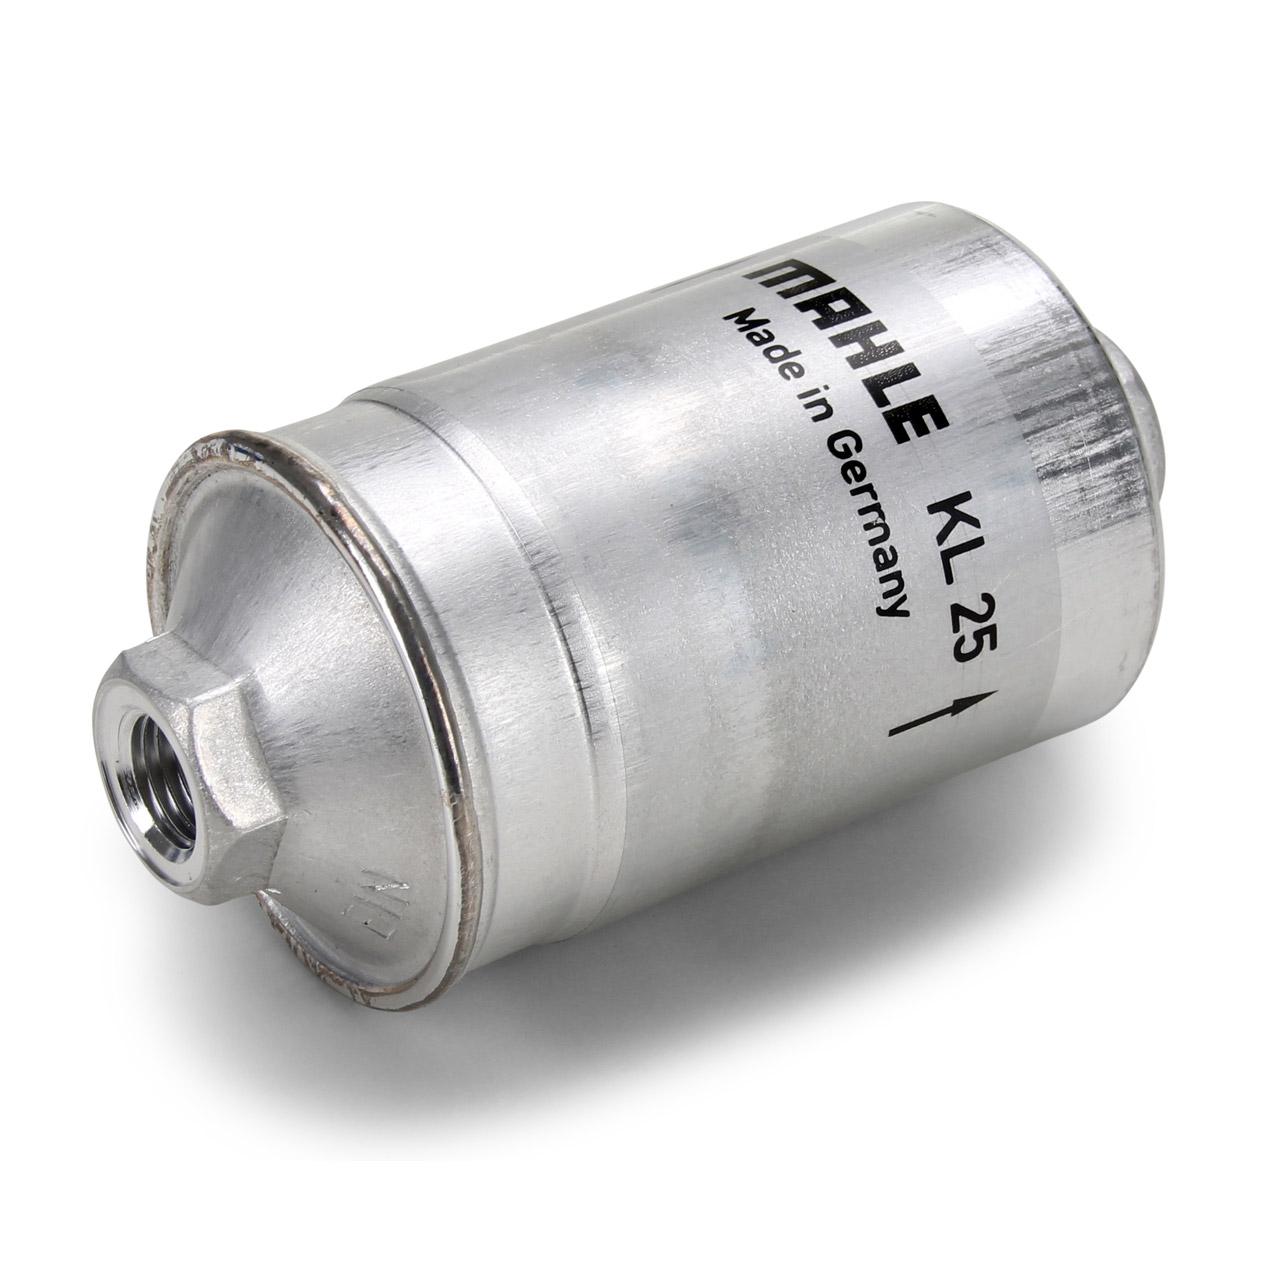 KNECHT / MAHLE KL25 Kraftstofffilter für PORSCHE 911 2.7 / 3.0 Carrera + 924 2.0